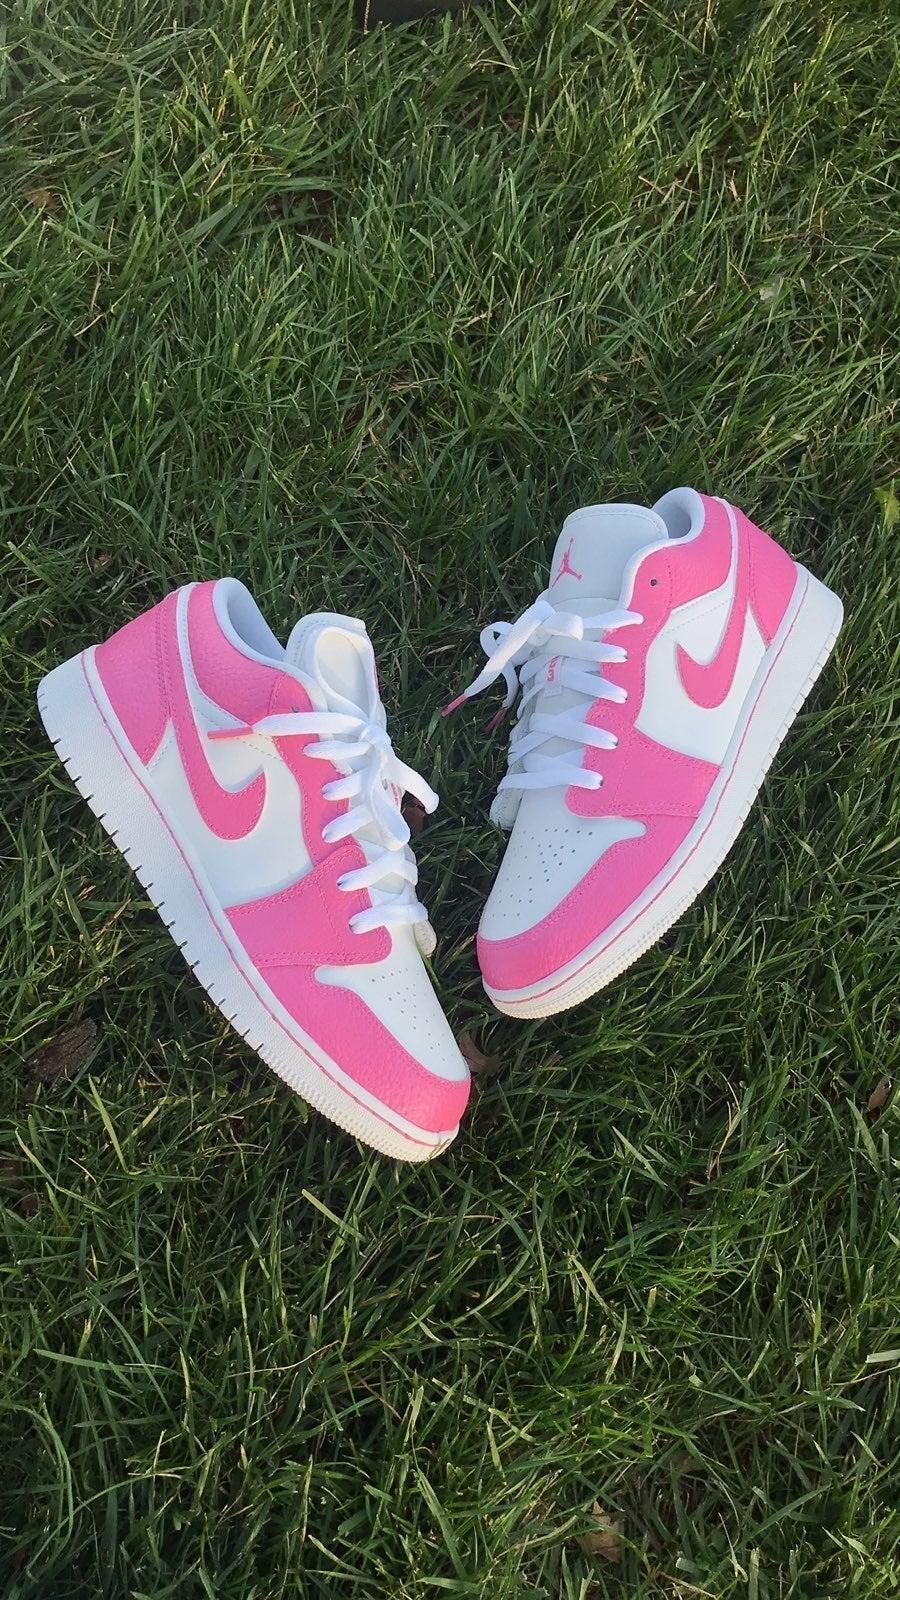 Nike Jordan 1 Low Custom